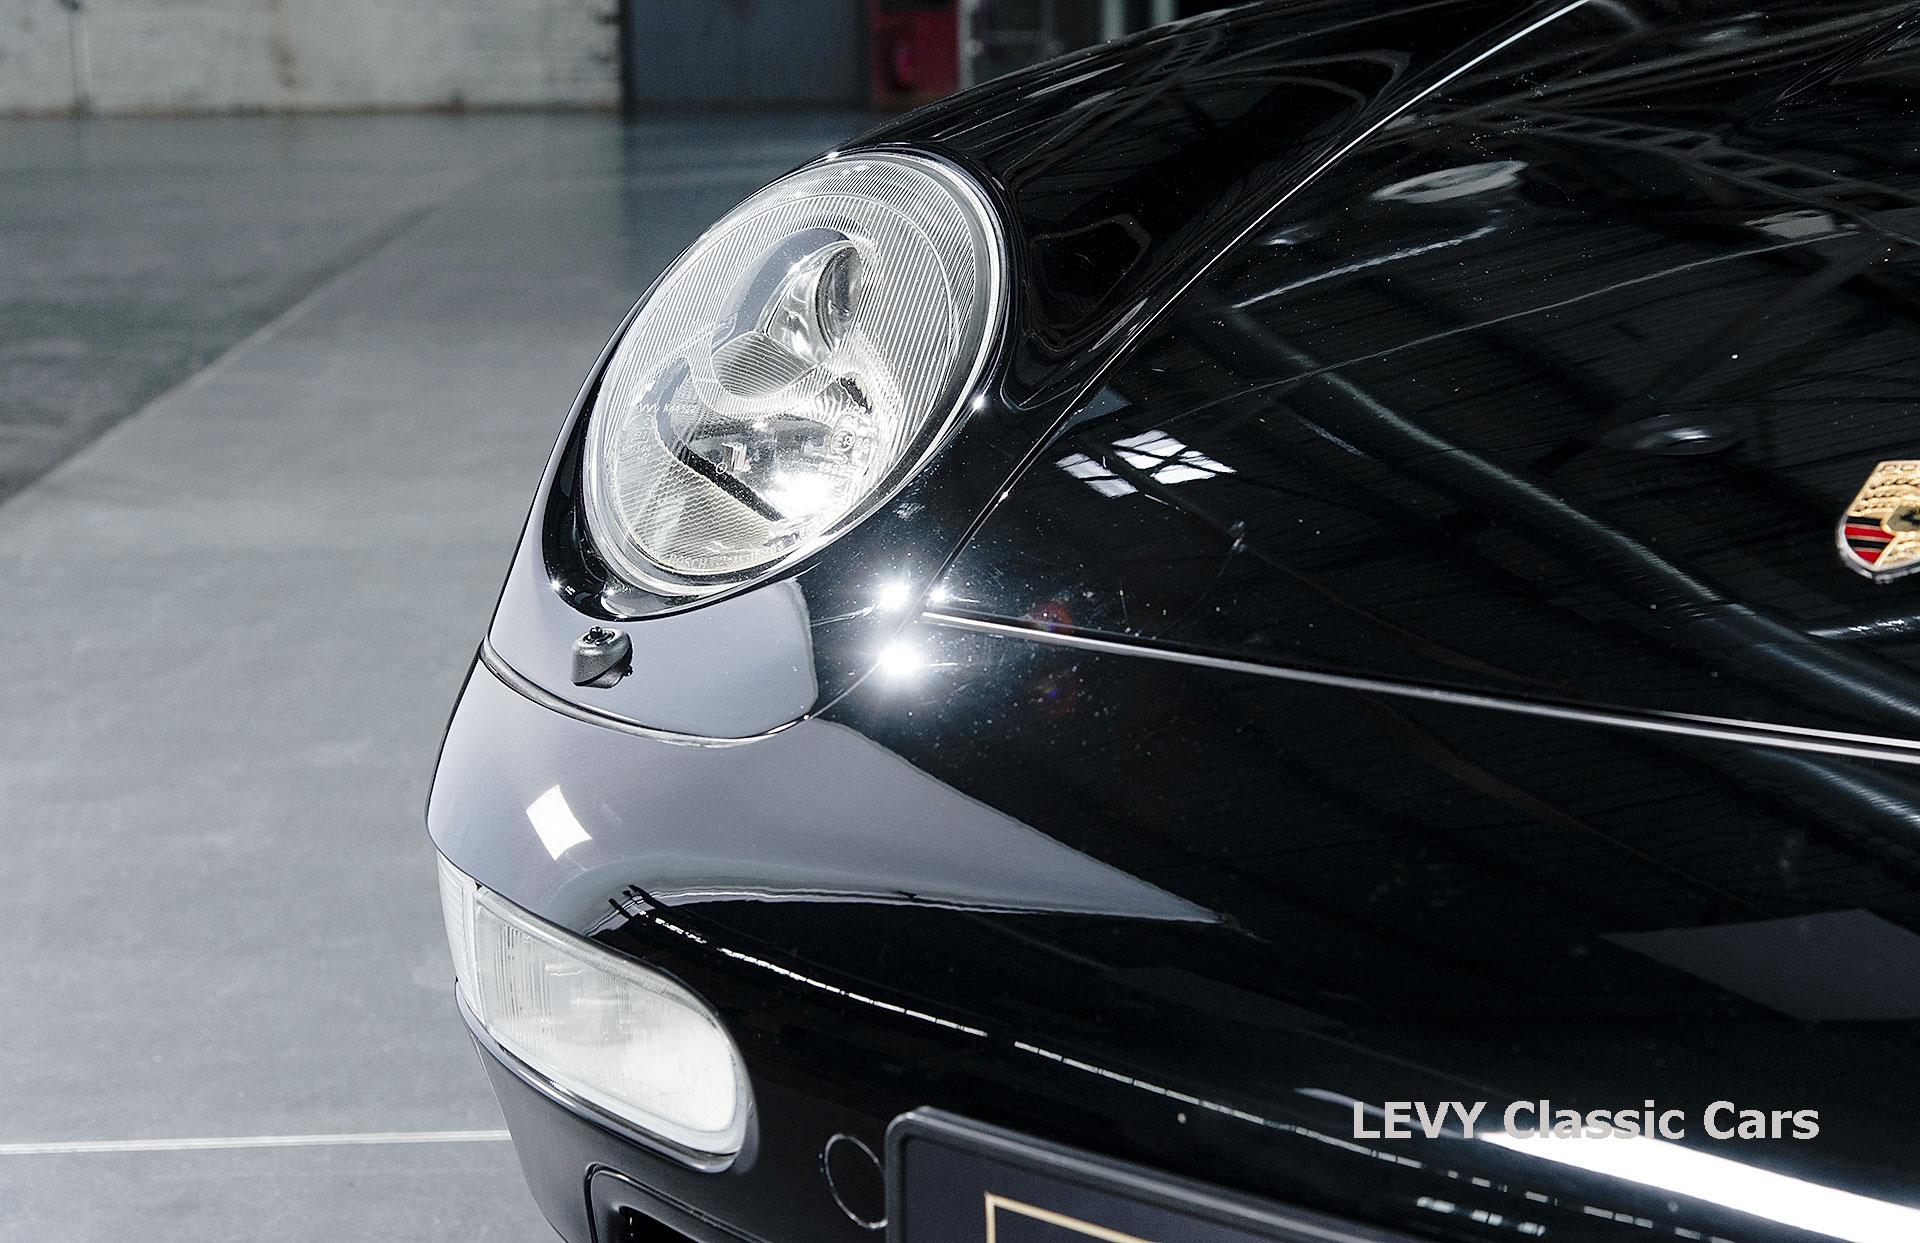 heller Porsche 993 schwarz 42065 054